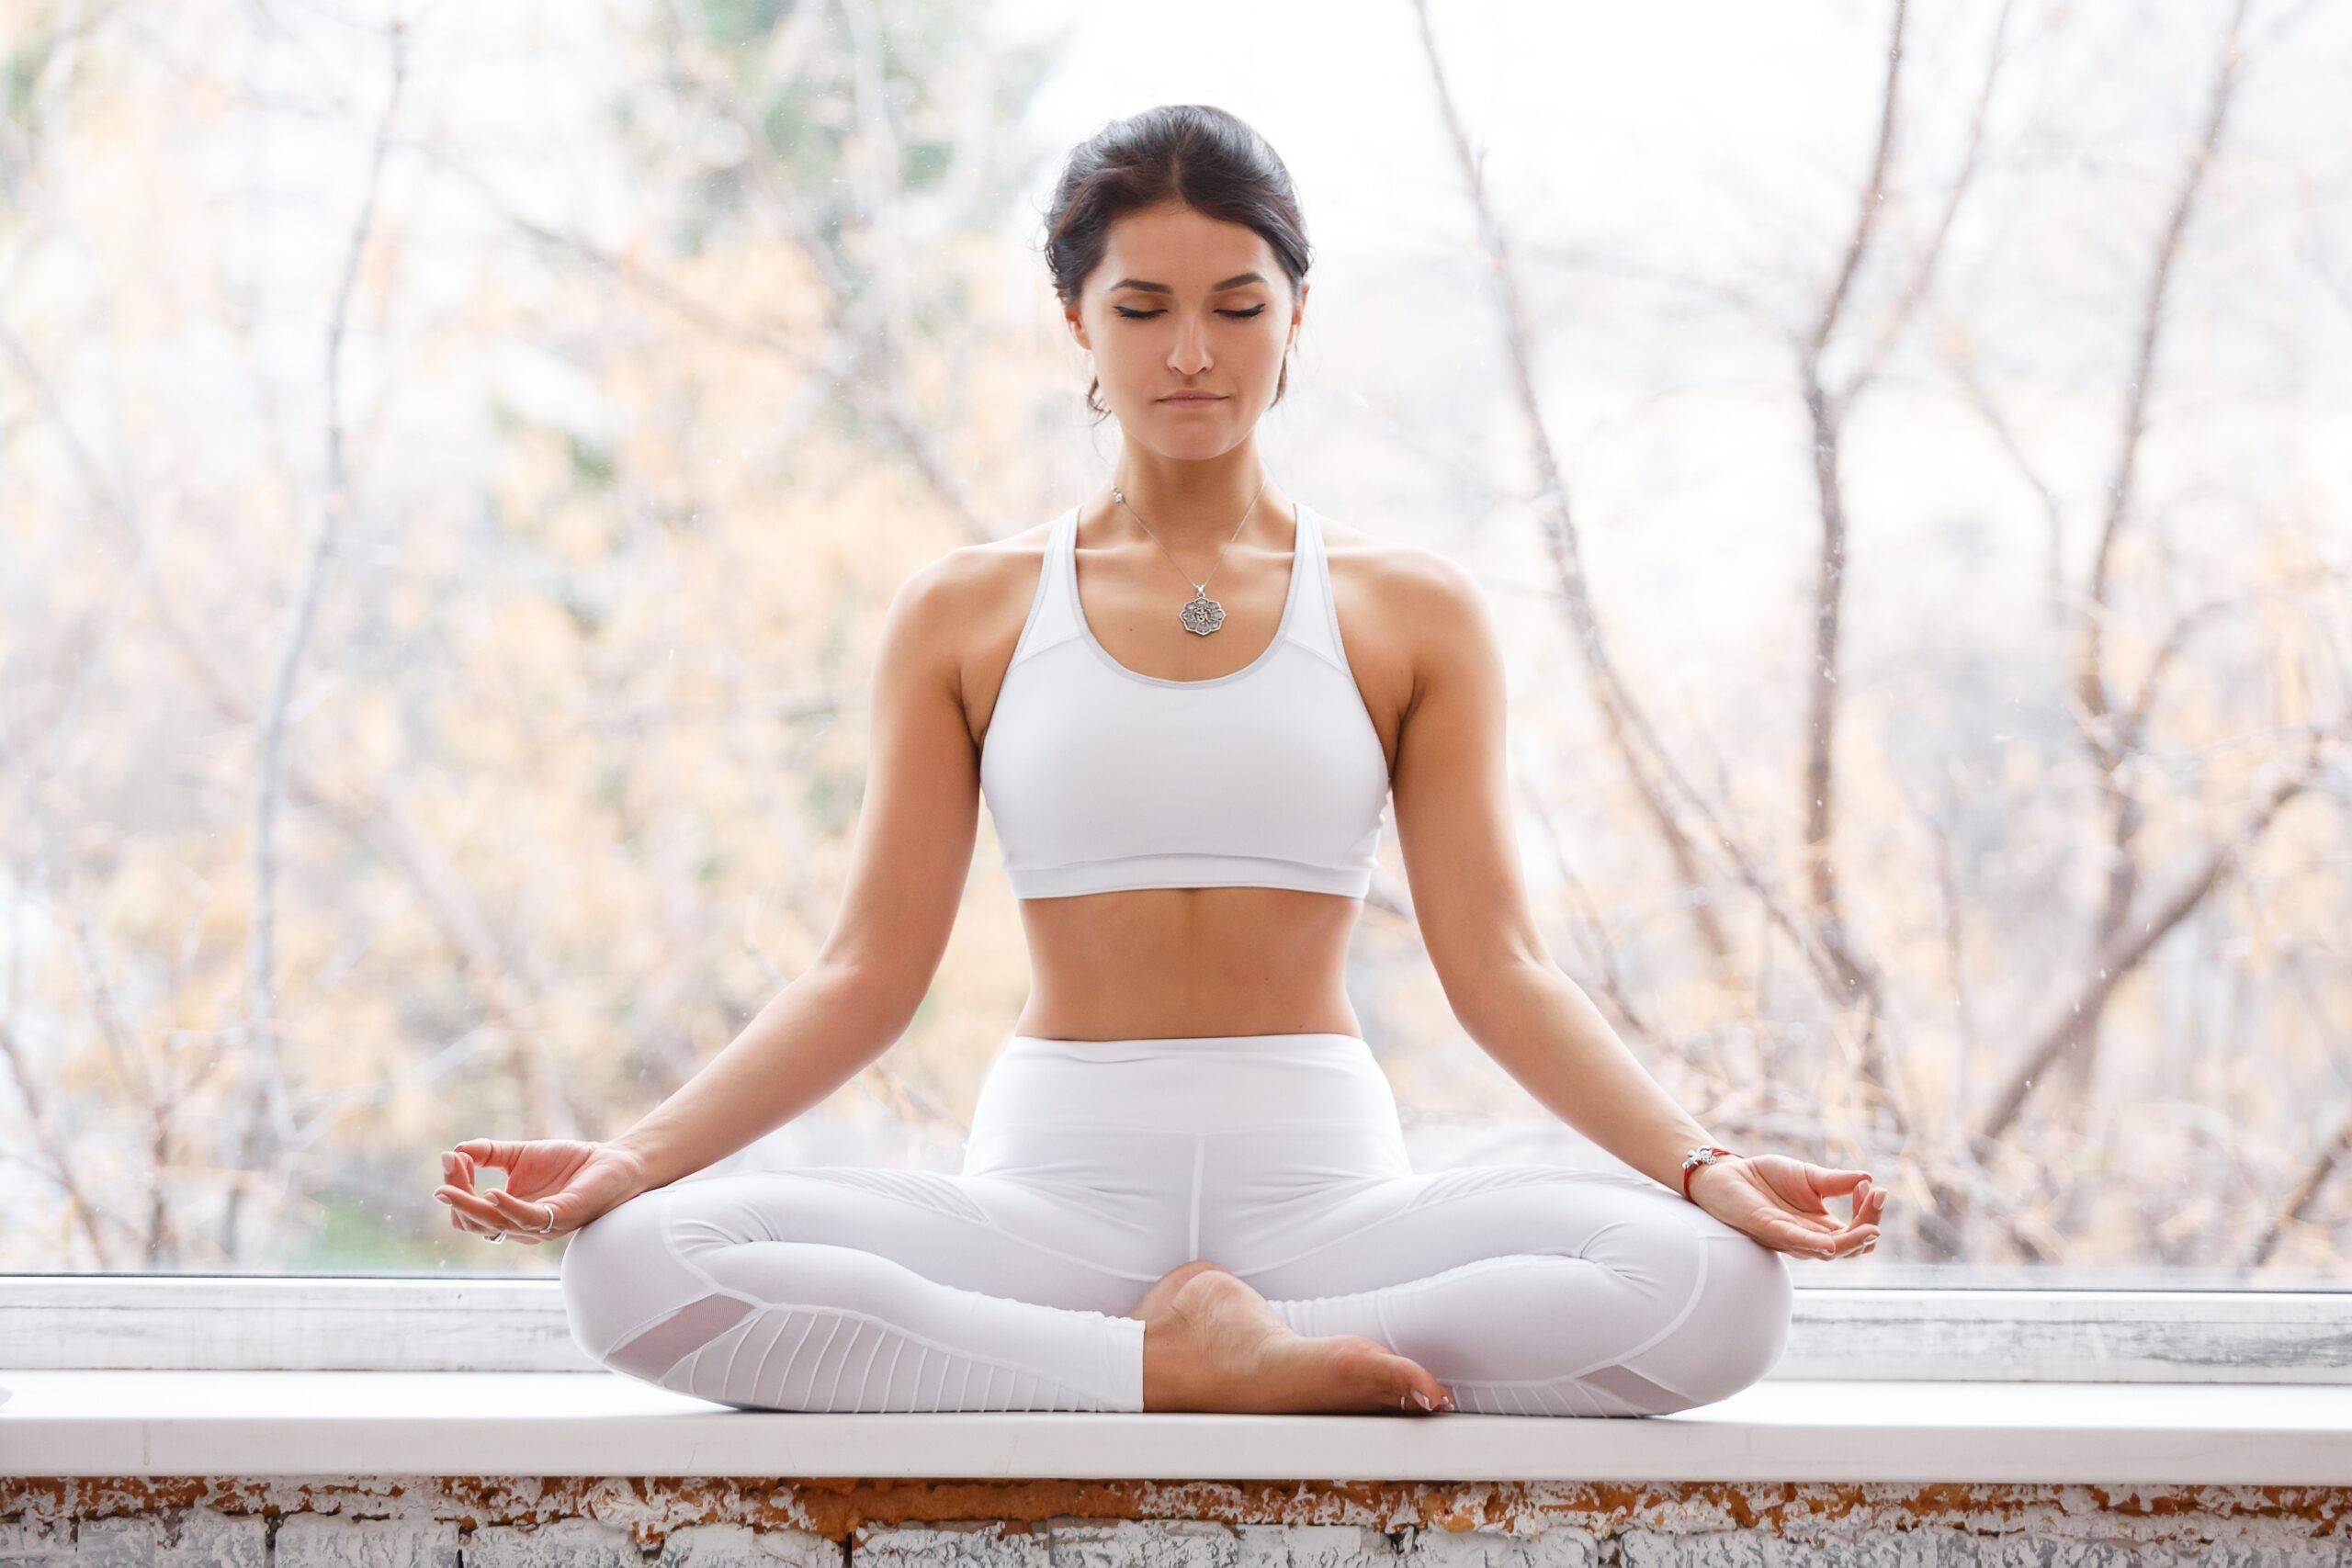 Успеха в йоге достигнет всякий, главное — одолеть свою лень